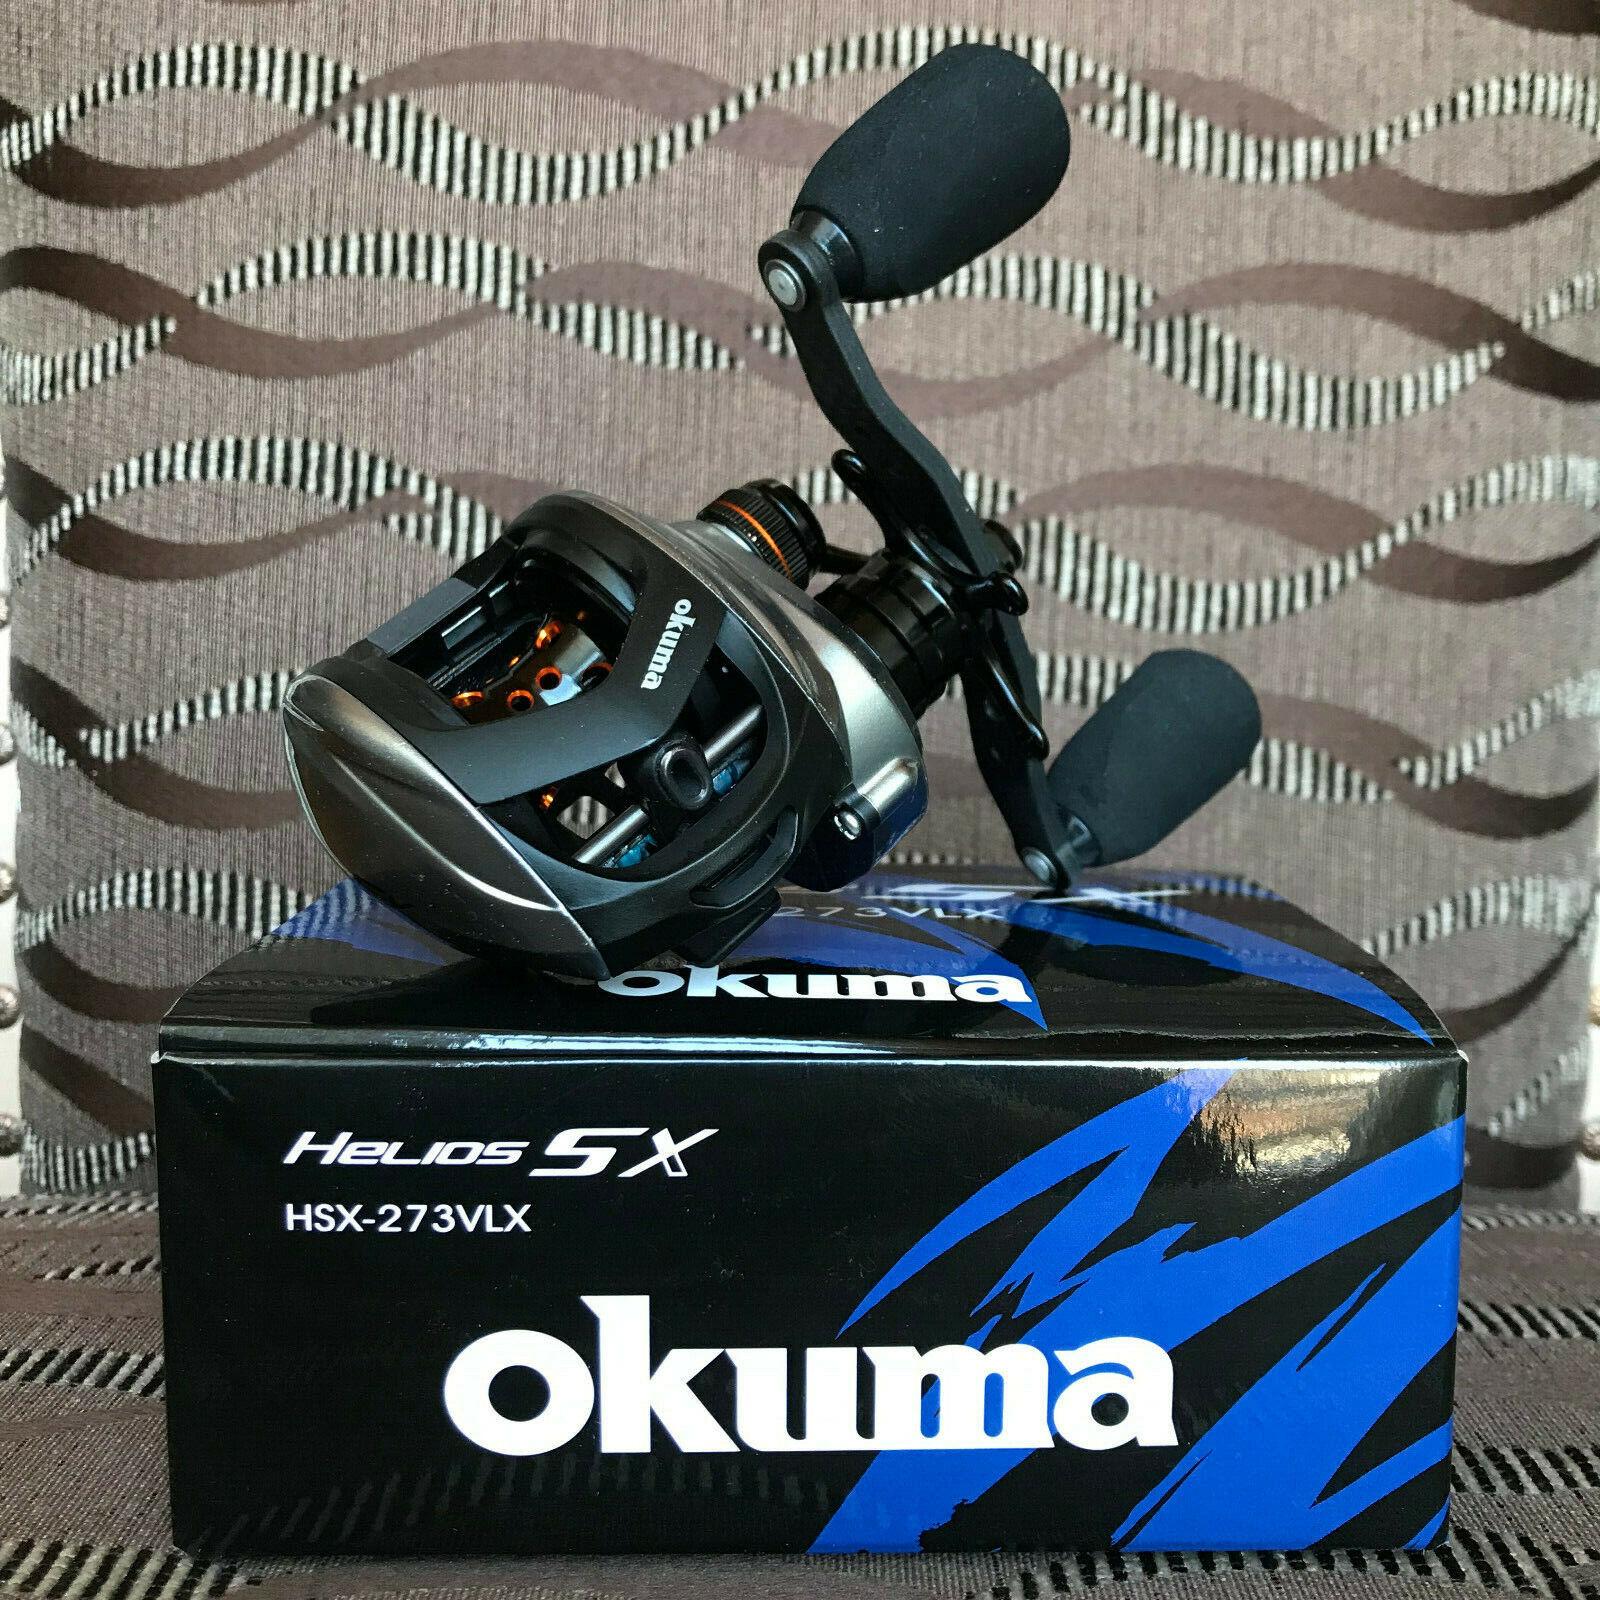 Okuma Helios SX HSX-273LX Linkshand Baitcastrolle